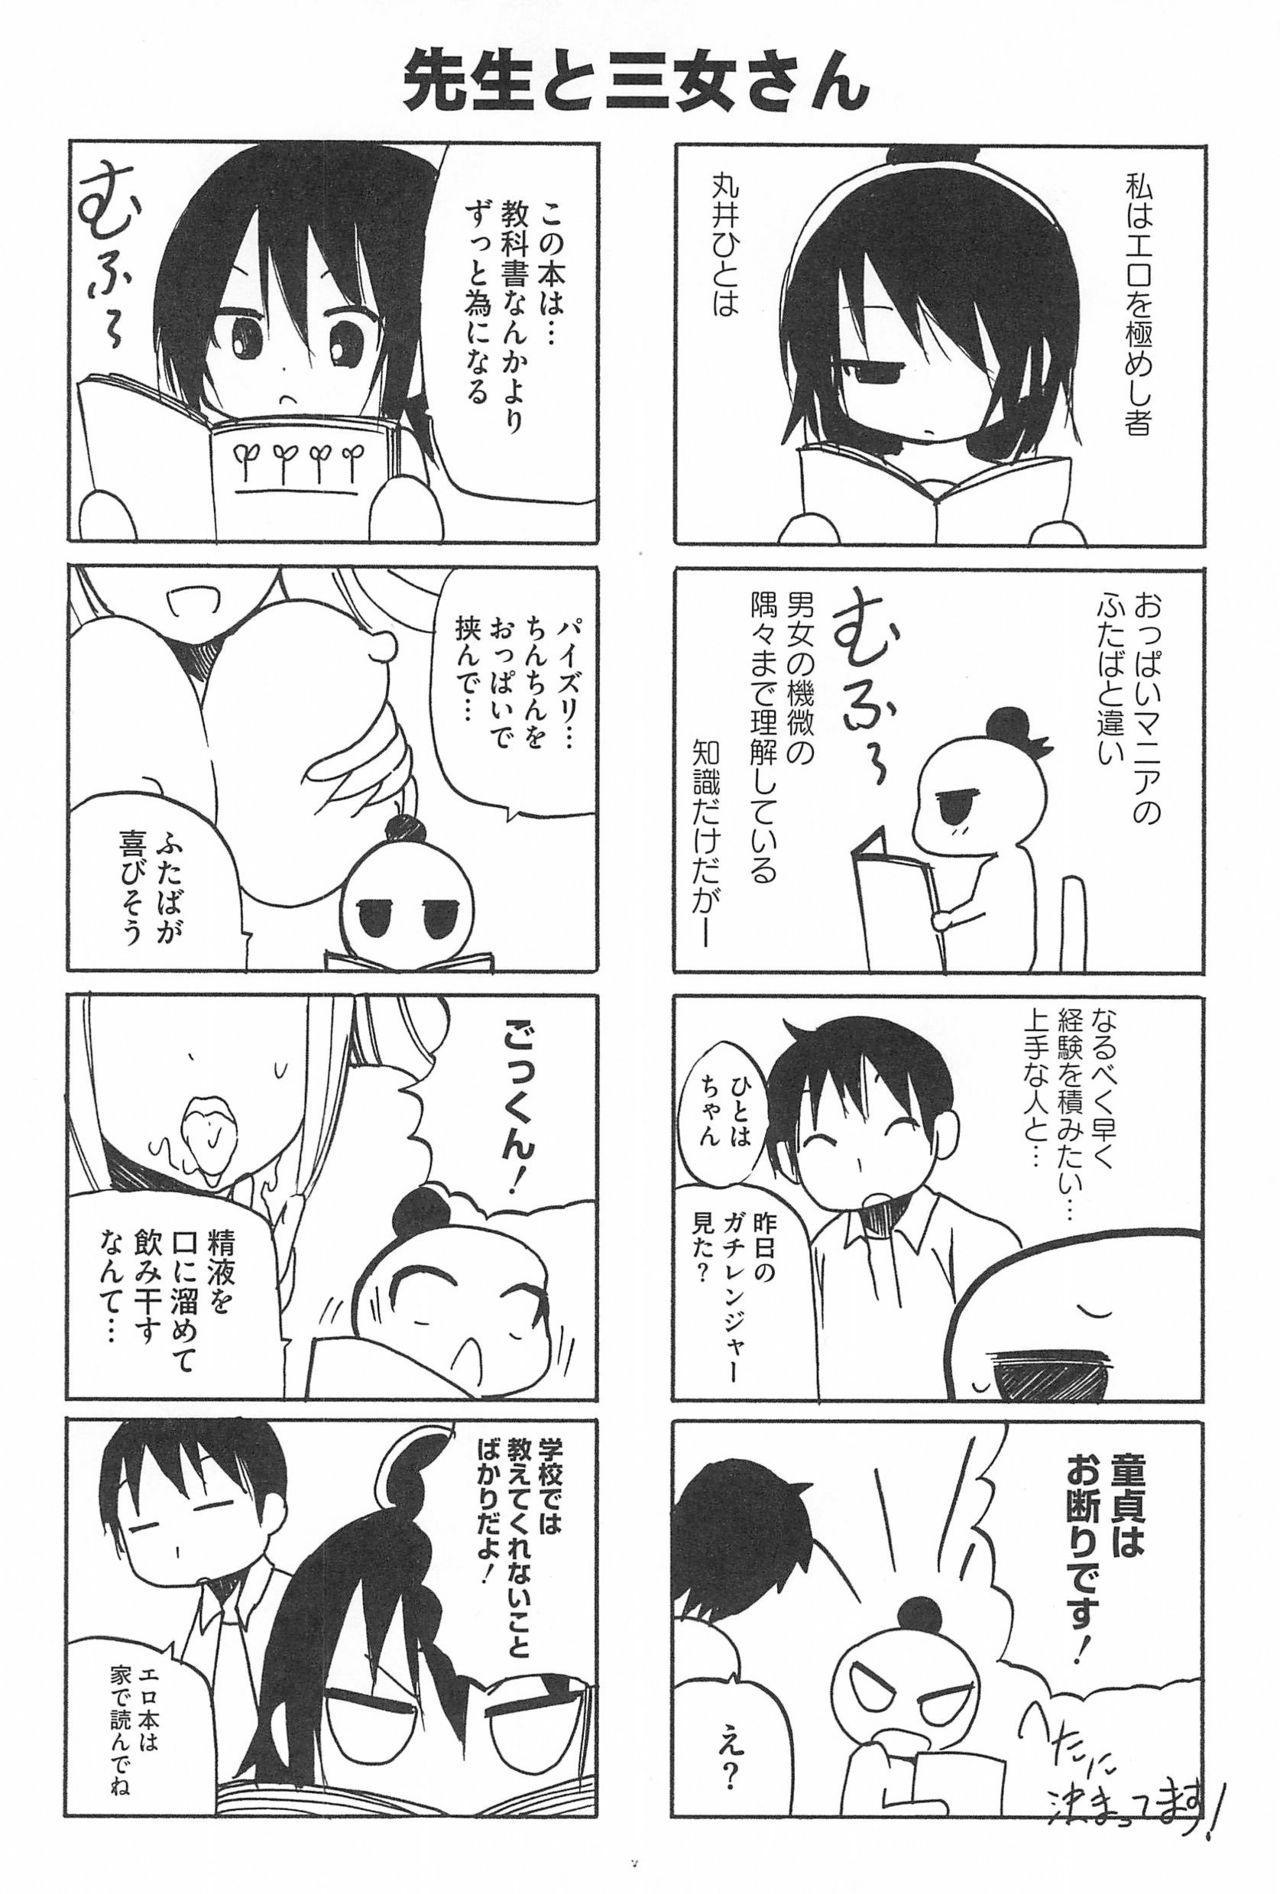 [Anthology] 3-tsugo 3 Shimai no Seiyoku wa 3-bai (Mitsudomoe) 41